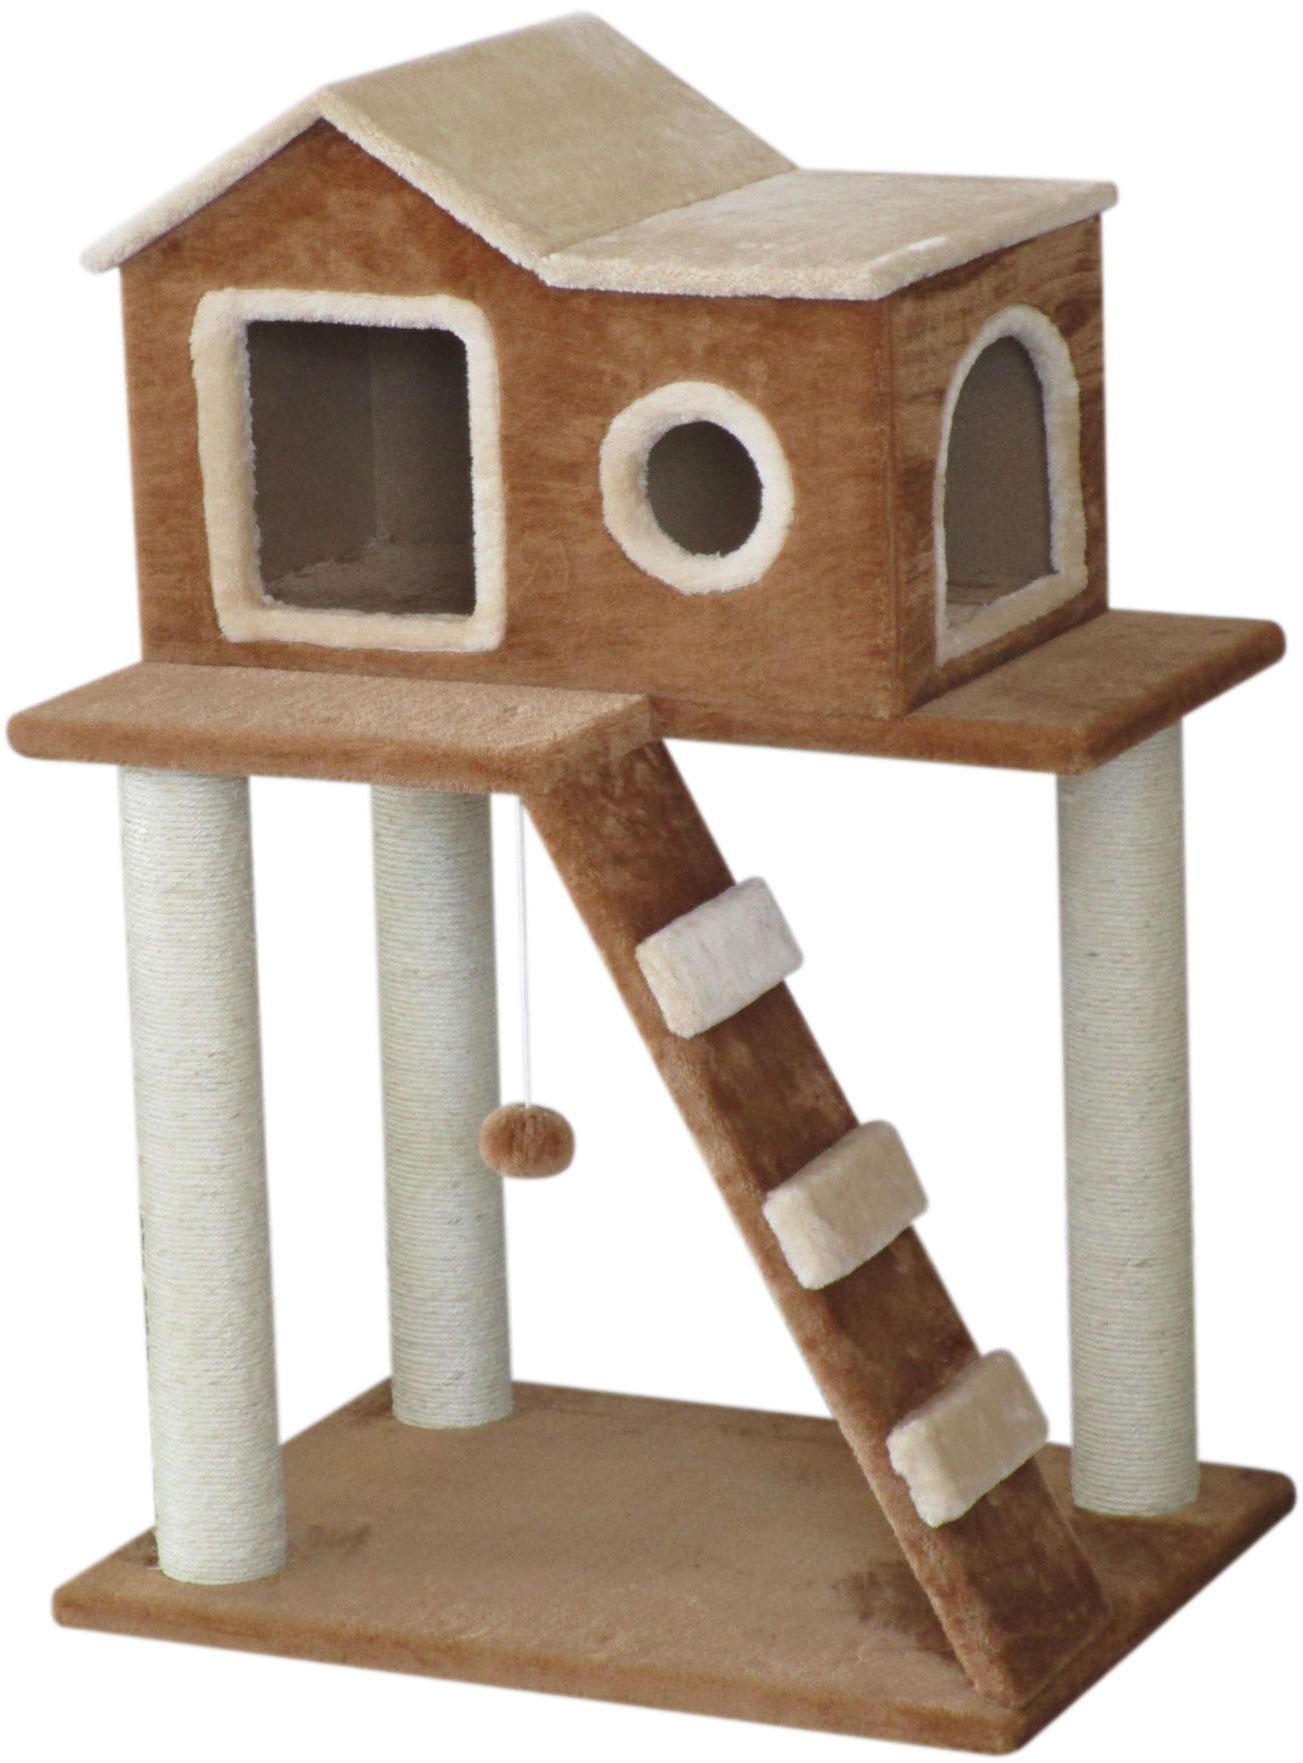 Игровой комплекс для кошек Aimigou, 2-ярусный, цвет: коричневый, бежевый, белый, 45 х 60 х 86 см0120710Игровой комплекс Aimigou выполнен из высококачественного ДСП и обтянут искусственным мехом. Изделие предназначено для кошек. Комплекс имеет 2 яруса. Ваш домашний питомец будет с удовольствием точить когти о специальные столбики, изготовленные из сизаля. А отдохнуть он сможет в уютном домике. Игровой комплекс Aimigou принесет пользу не только вашему питомцу, но и вам, так как он сохранит мебель от когтей и шерсти.Поставляется в разобранном виде. Комплектуется инструкцией по сборке.Общий размер: 45 х 60 х 86 см.Размер домика: 30 х 45 х 34 см.